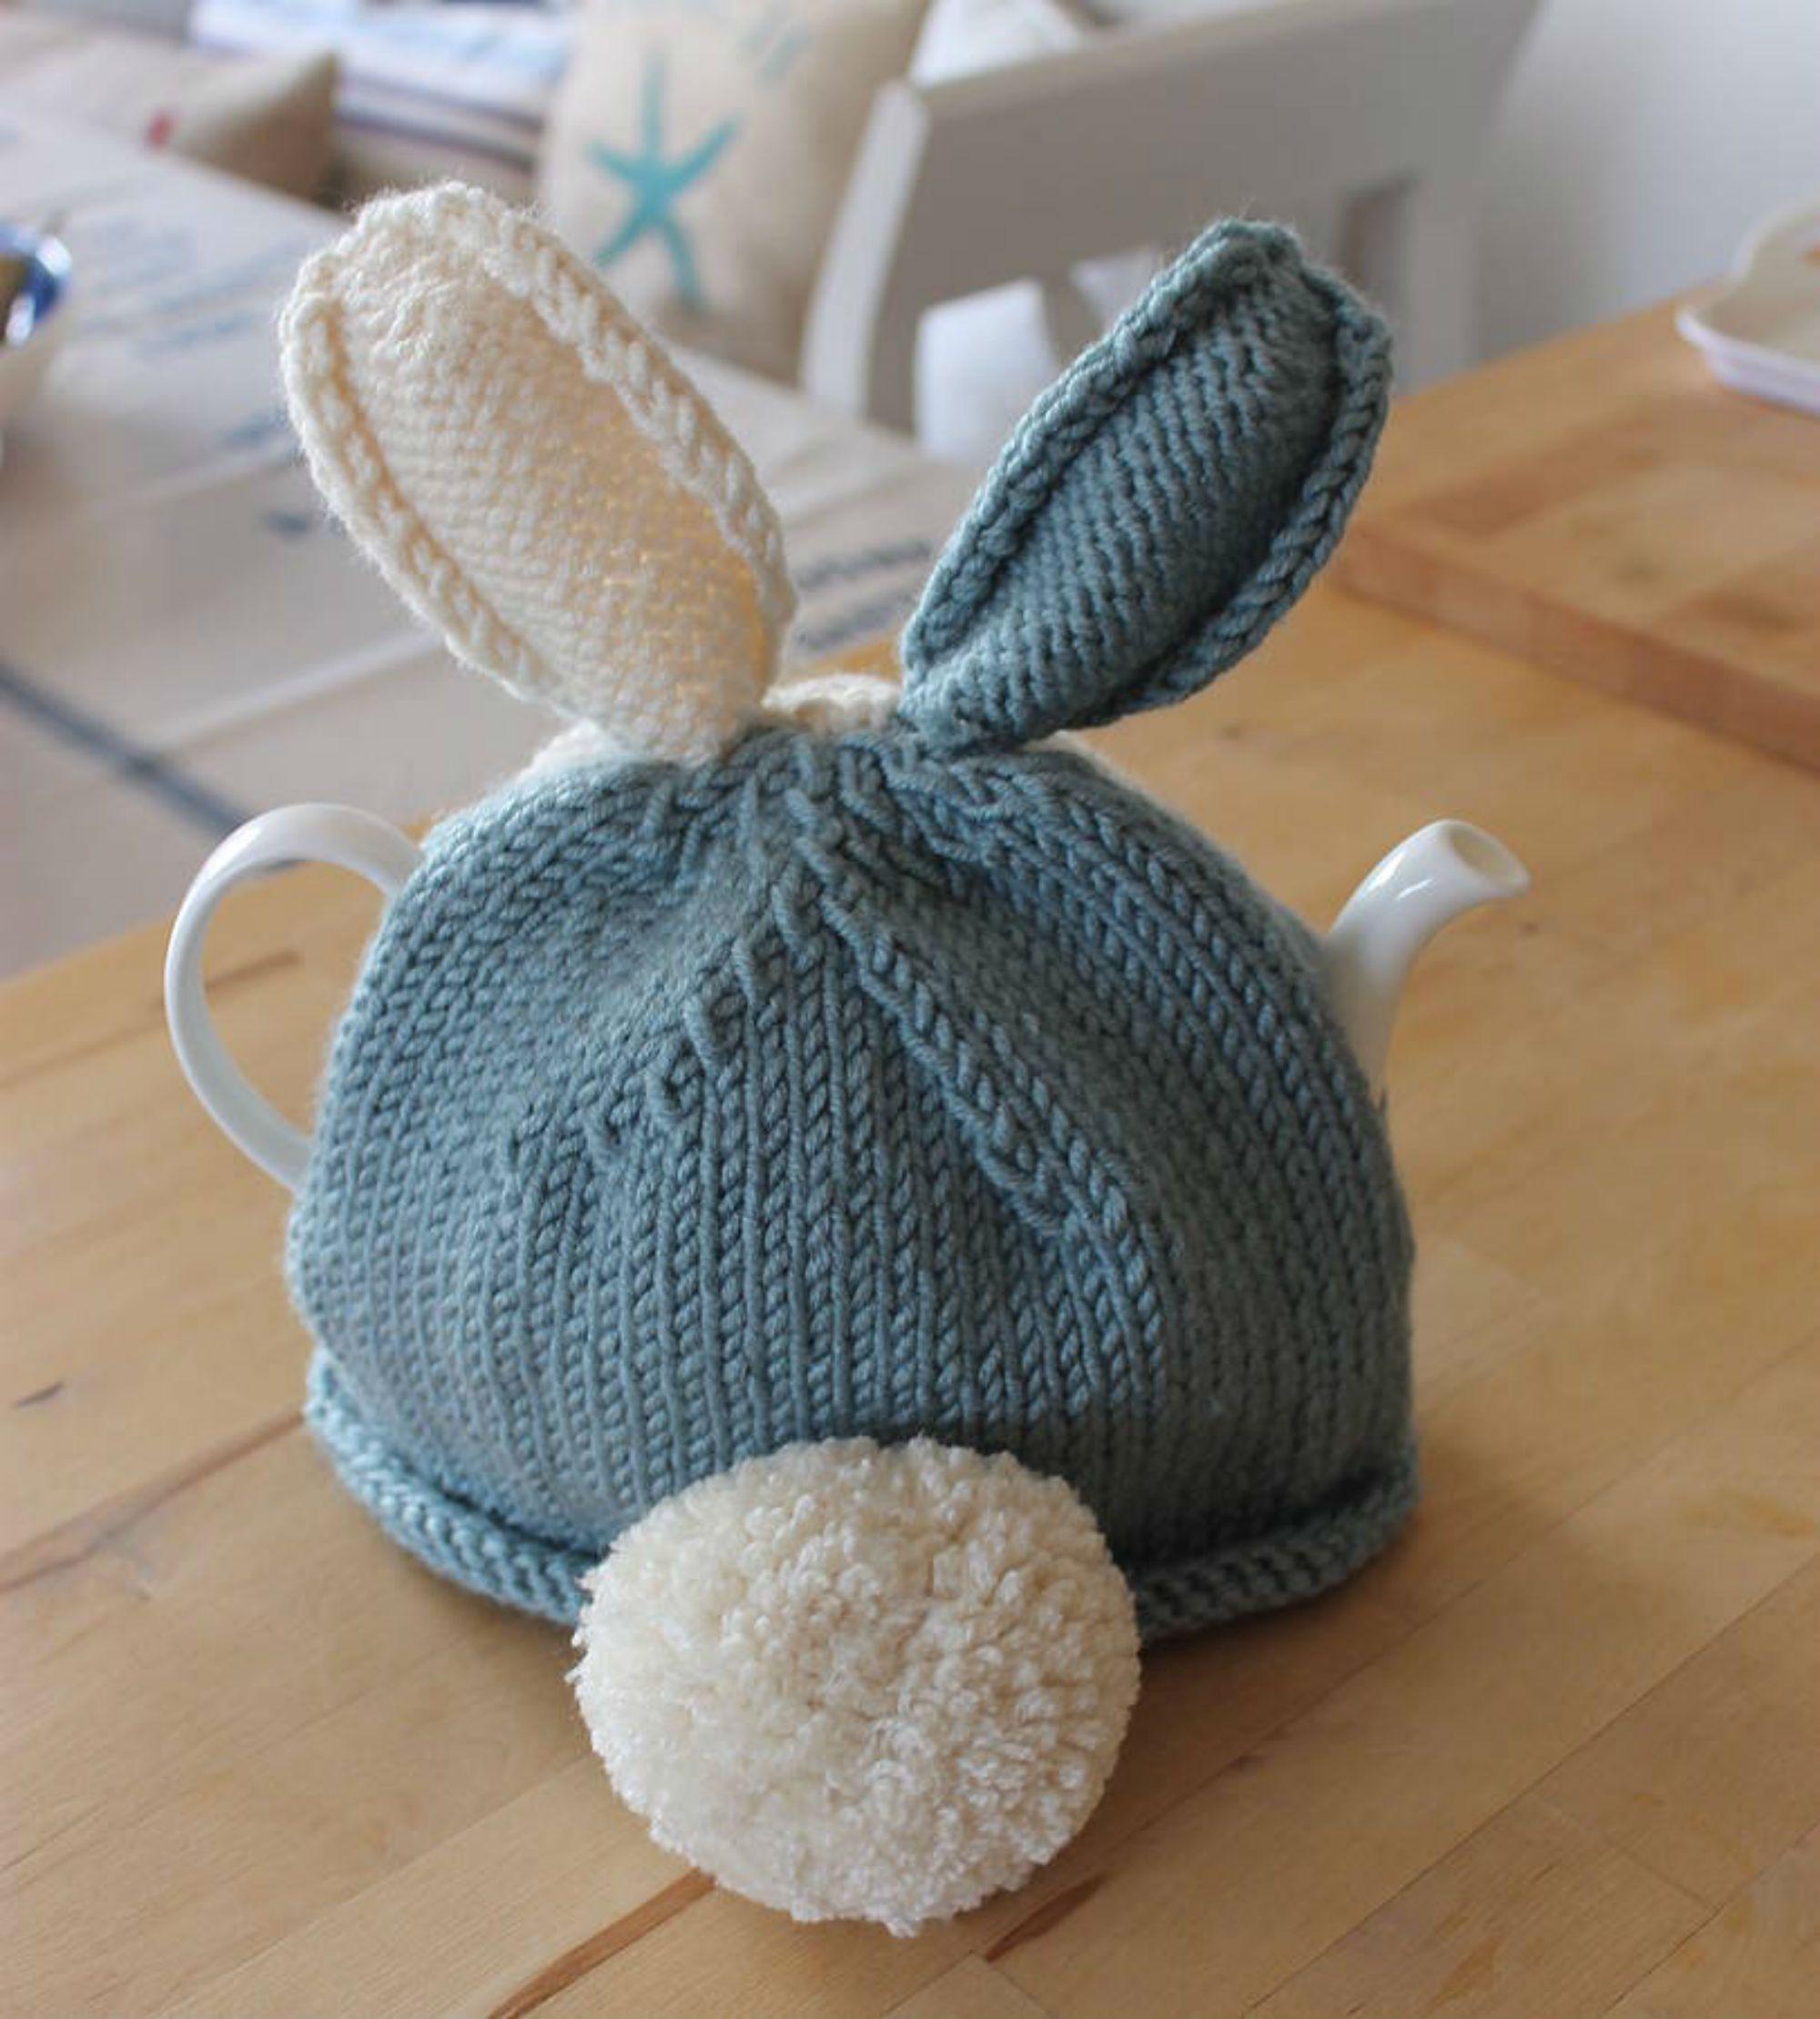 Bunny Rabbit Tea Cosy Knitting Kit   Elişi   Pinterest   Bunny ...